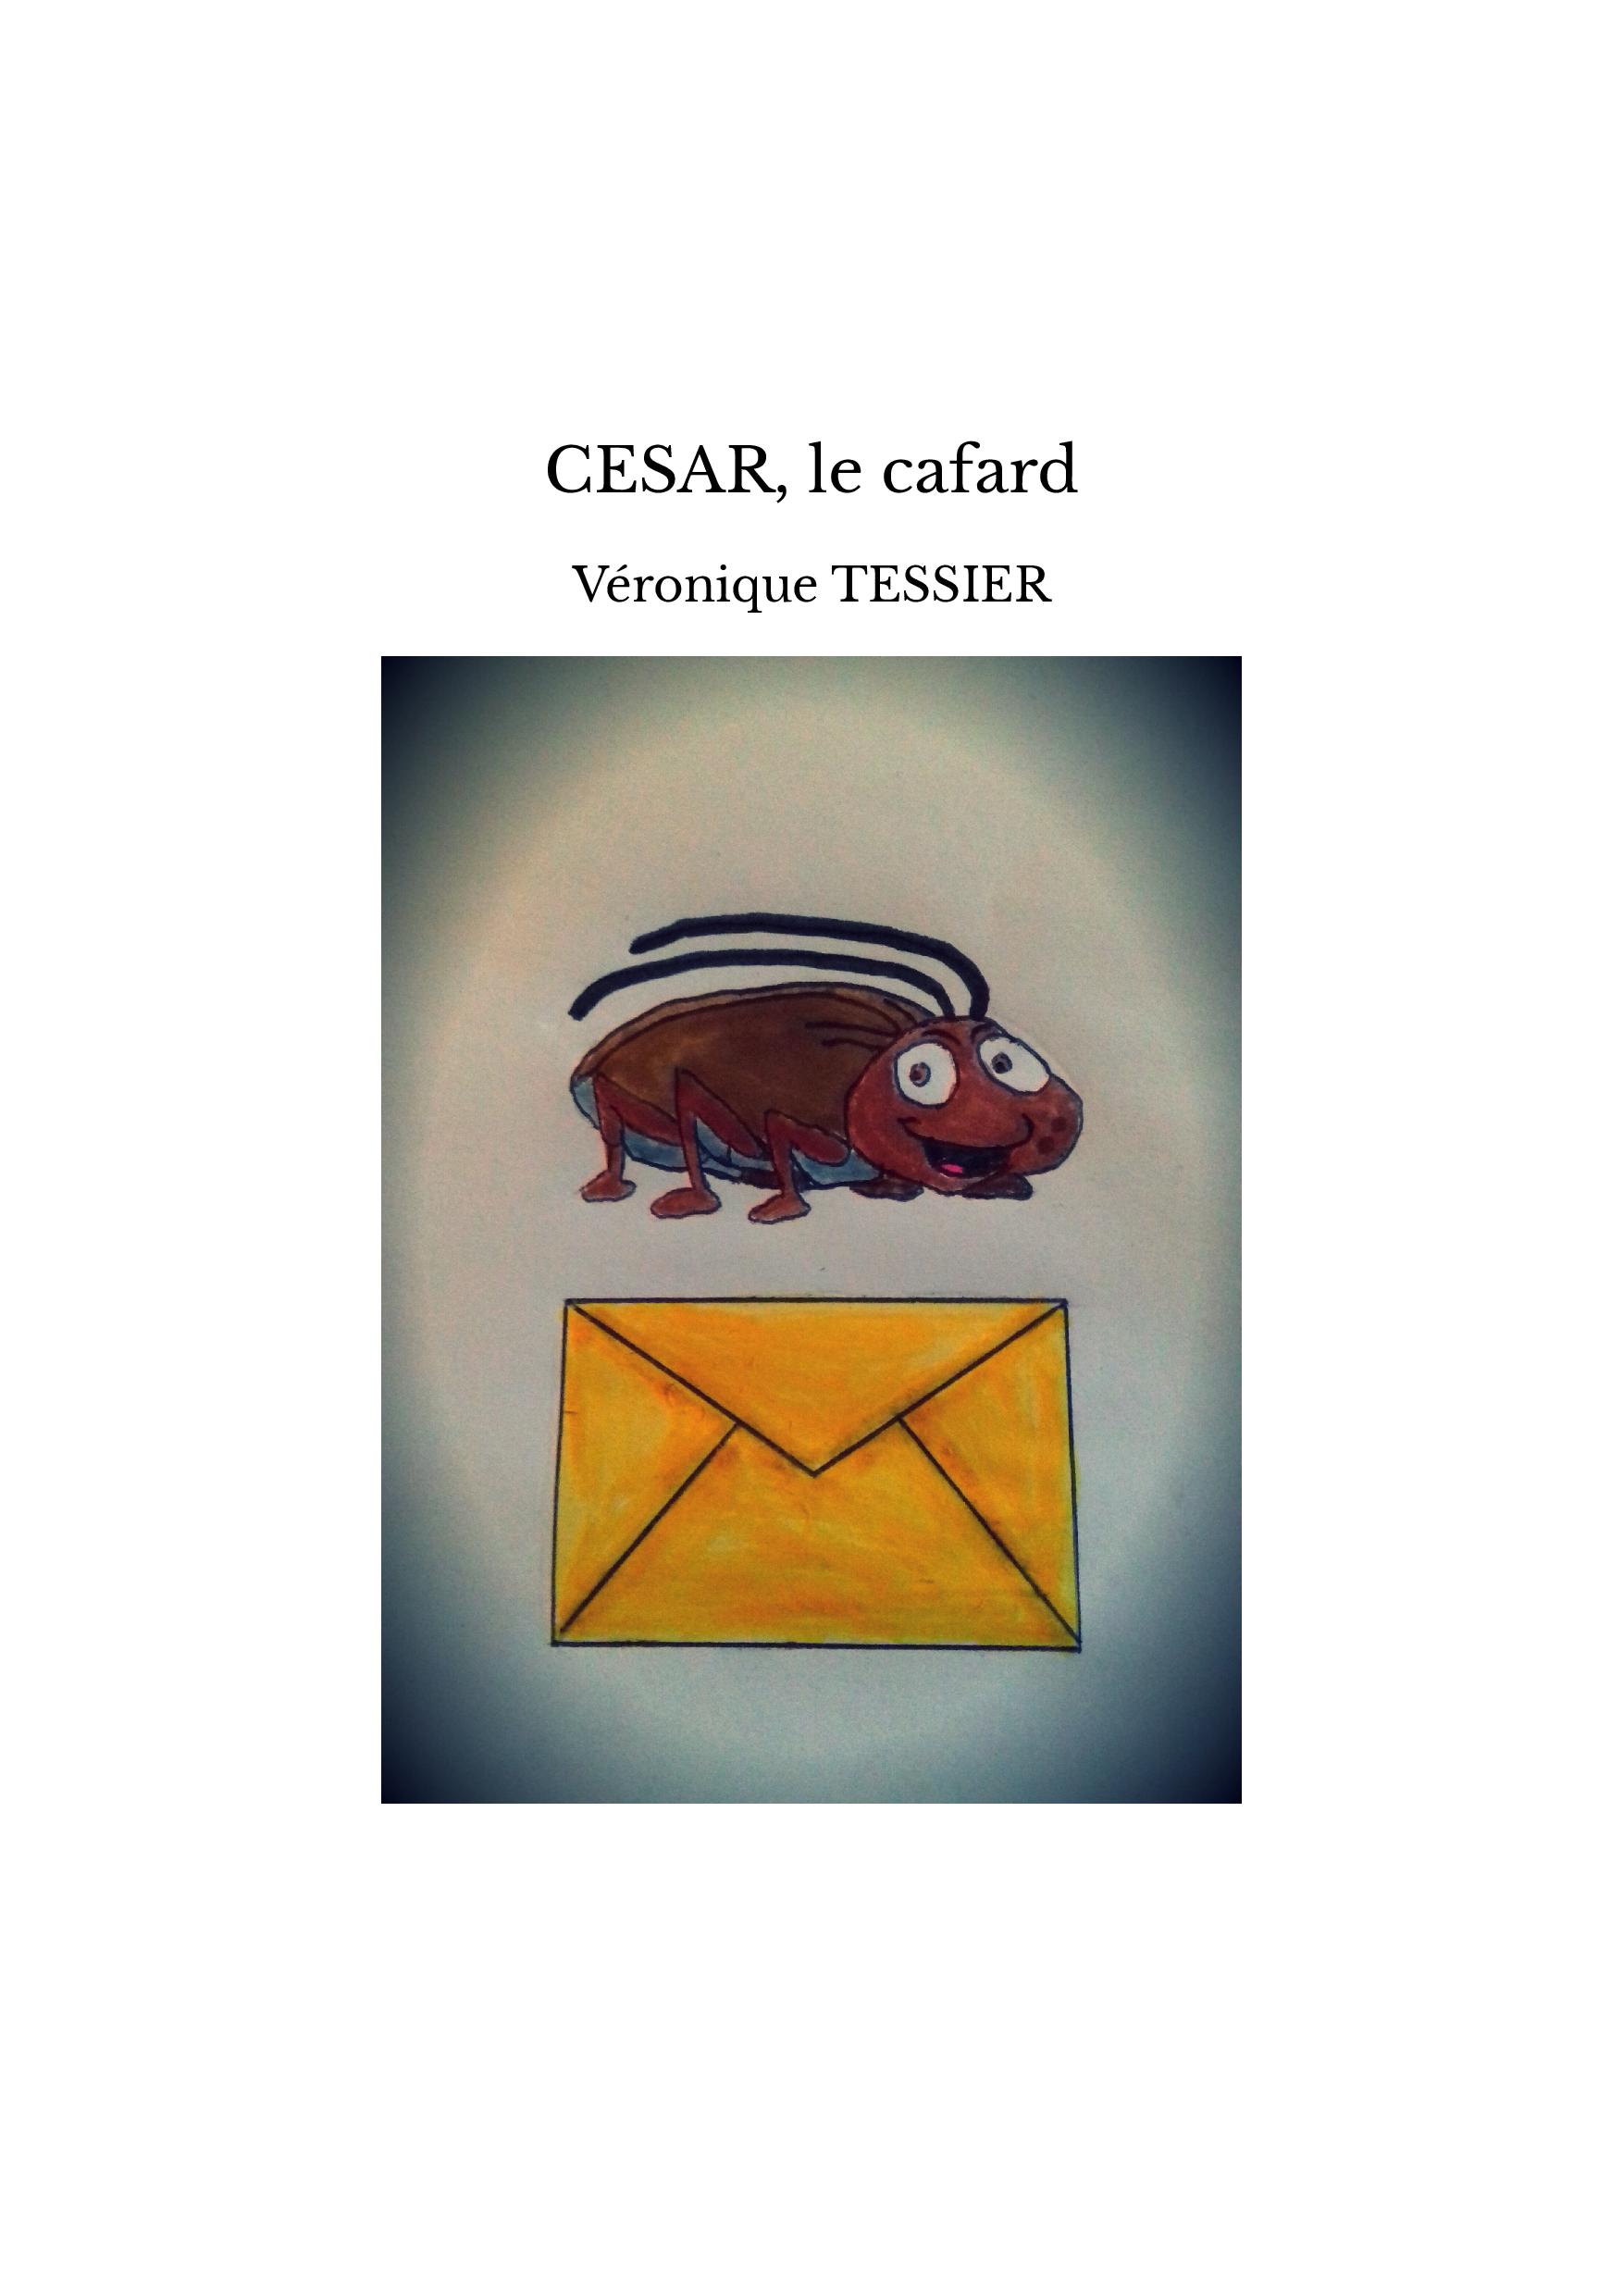 CESAR, le cafard